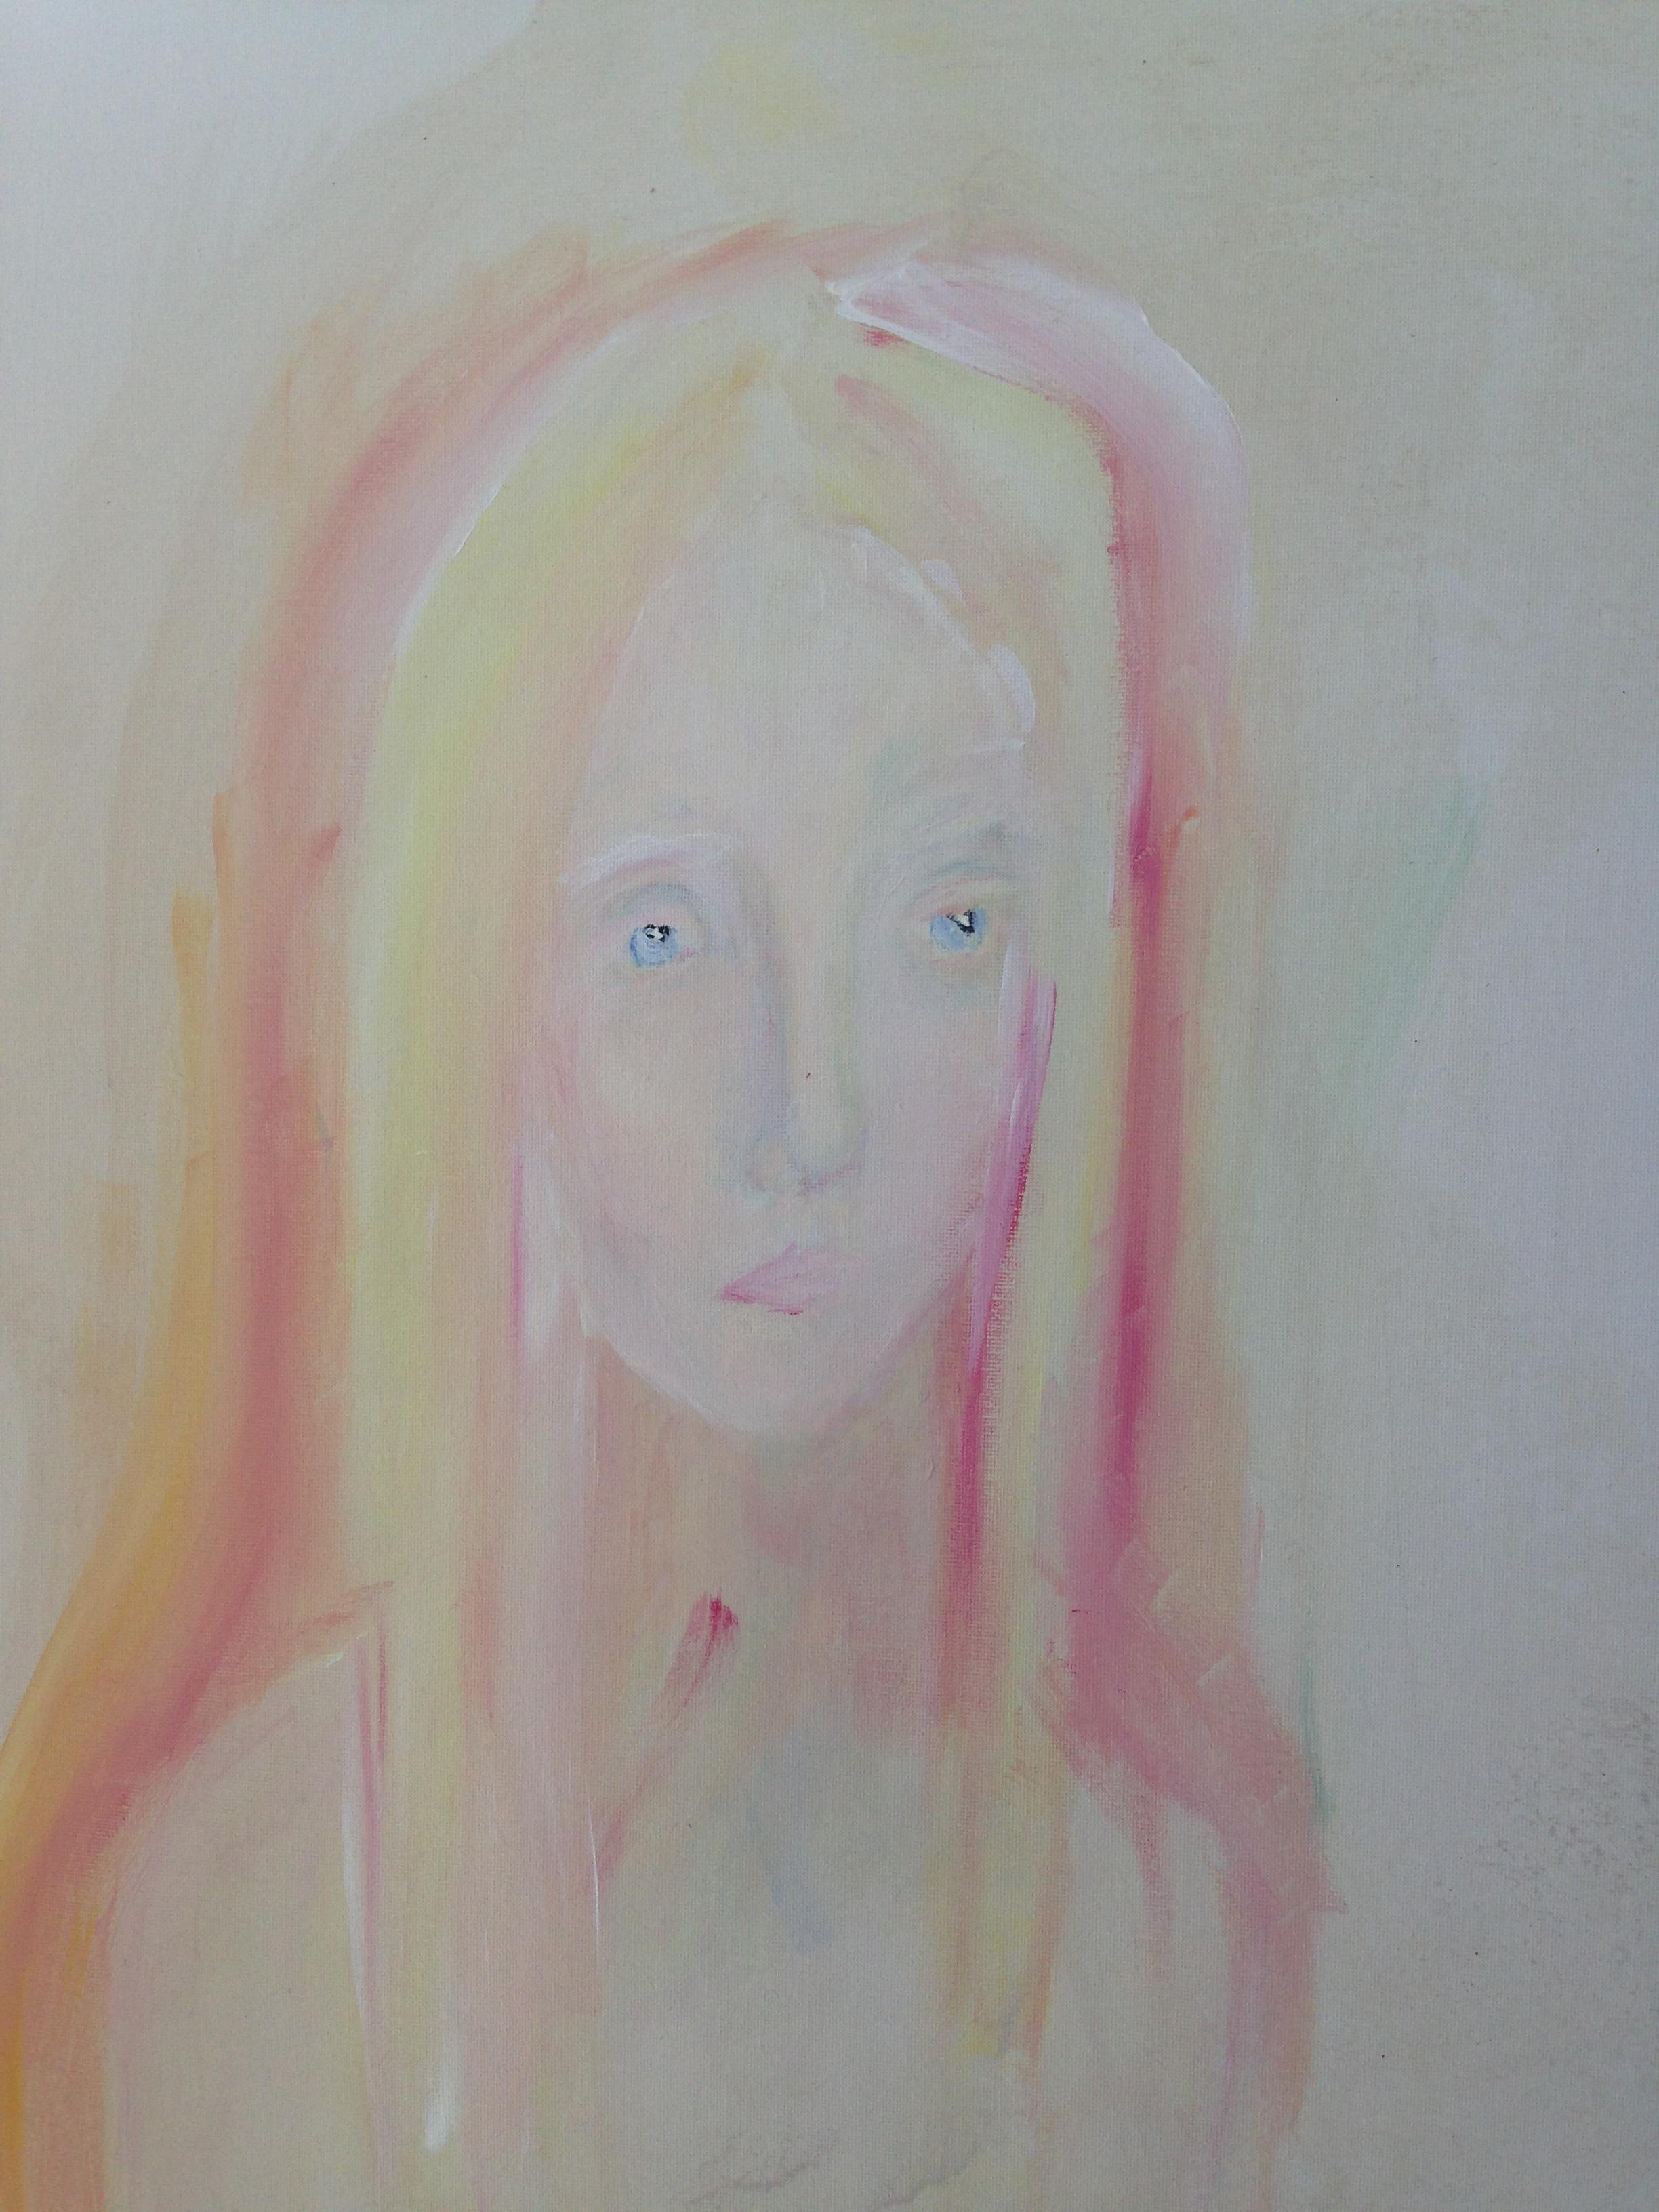 R., Age 16